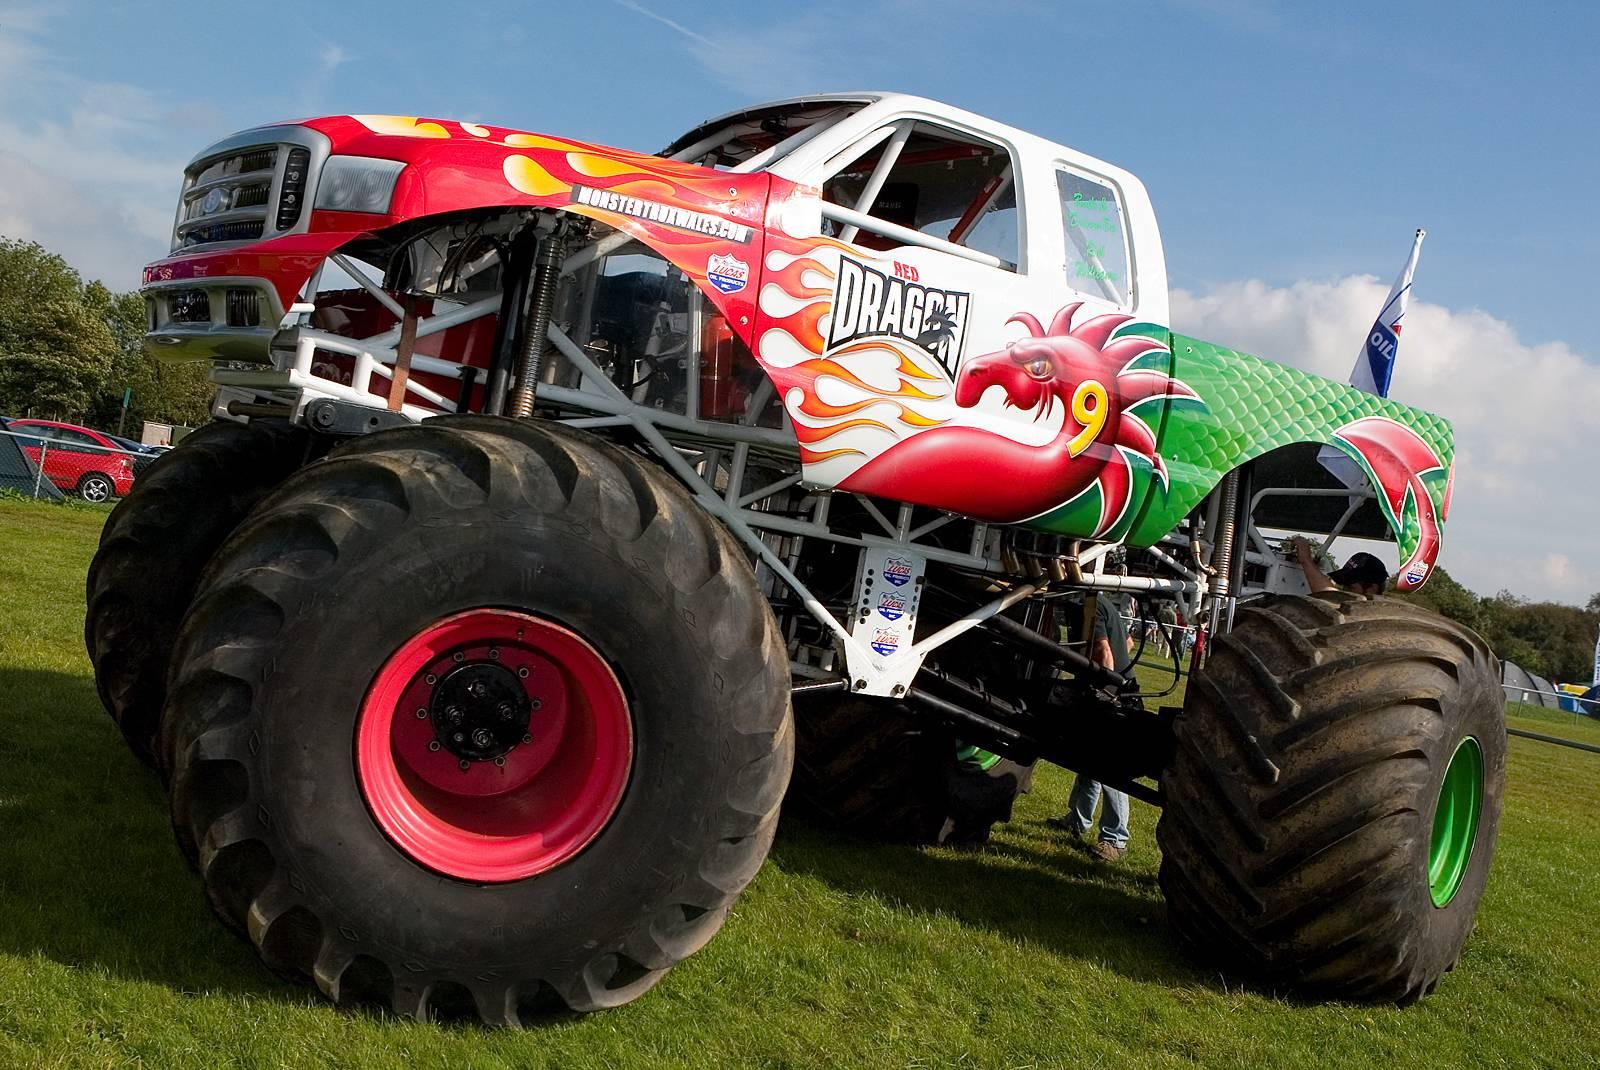 Amazing Monster Truck For Desktop Wallpaper - Monsters Trucks , HD Wallpaper & Backgrounds